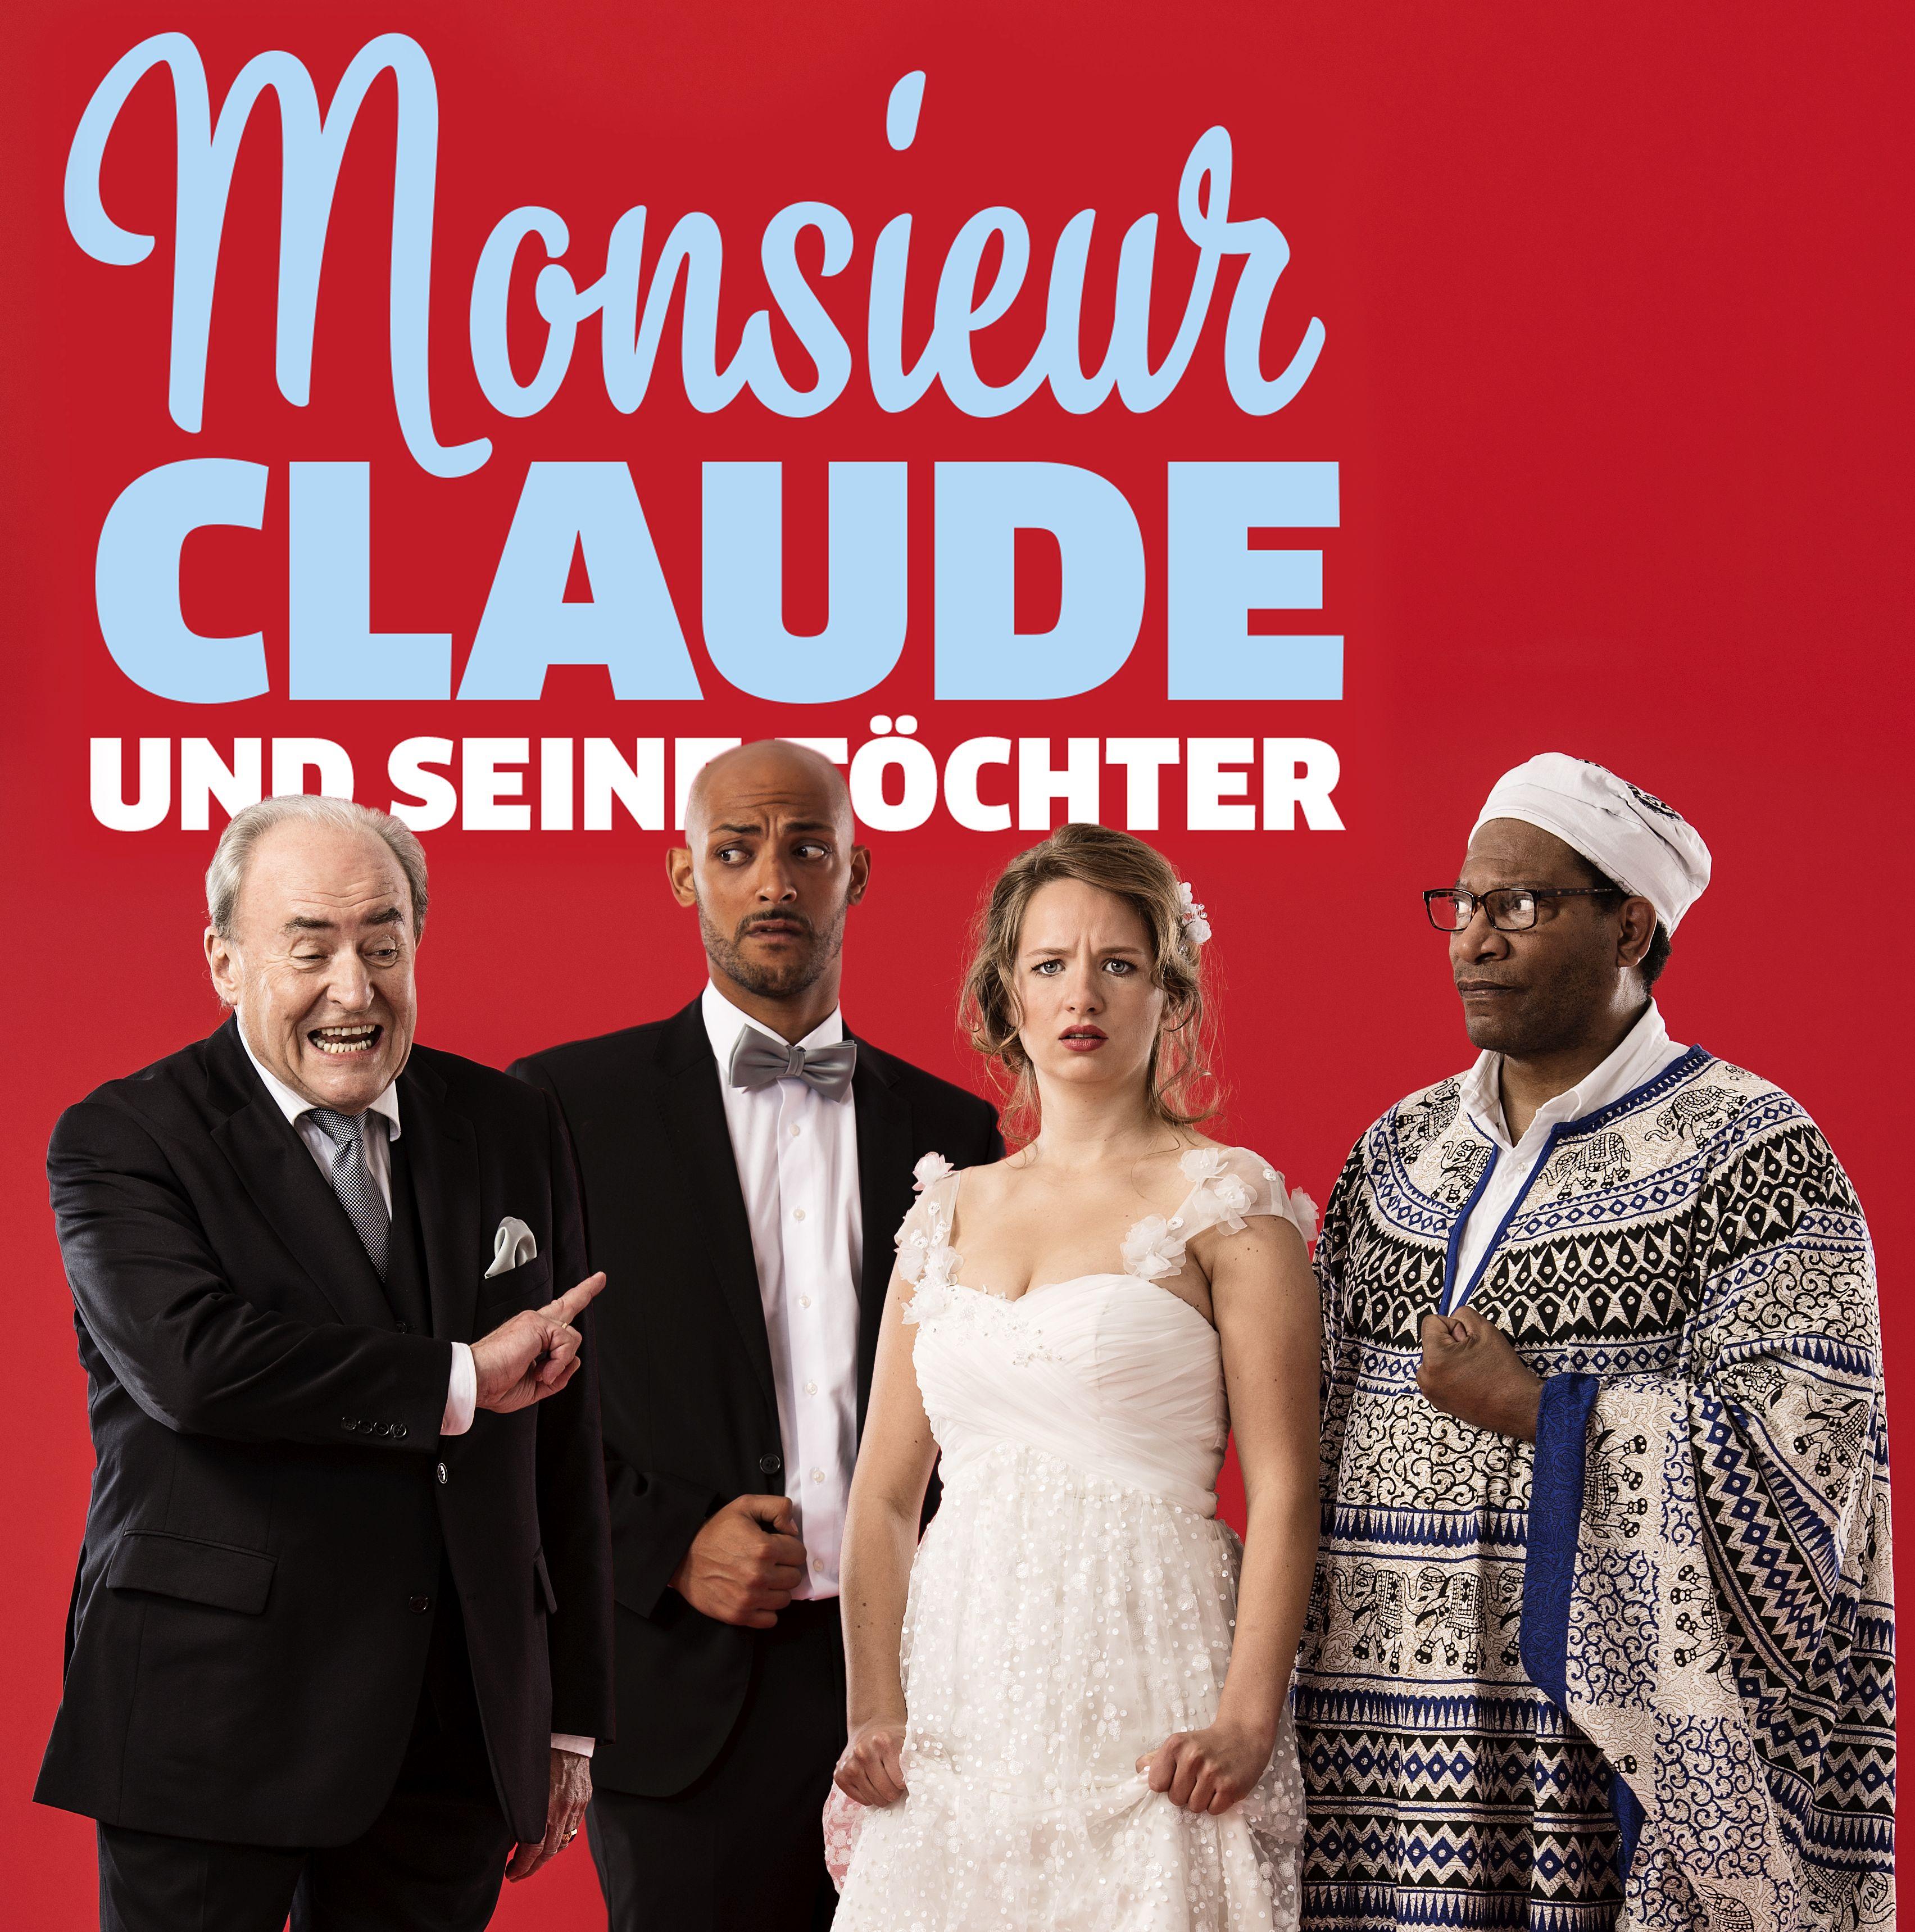 Missue Claude Und Seine Töchter